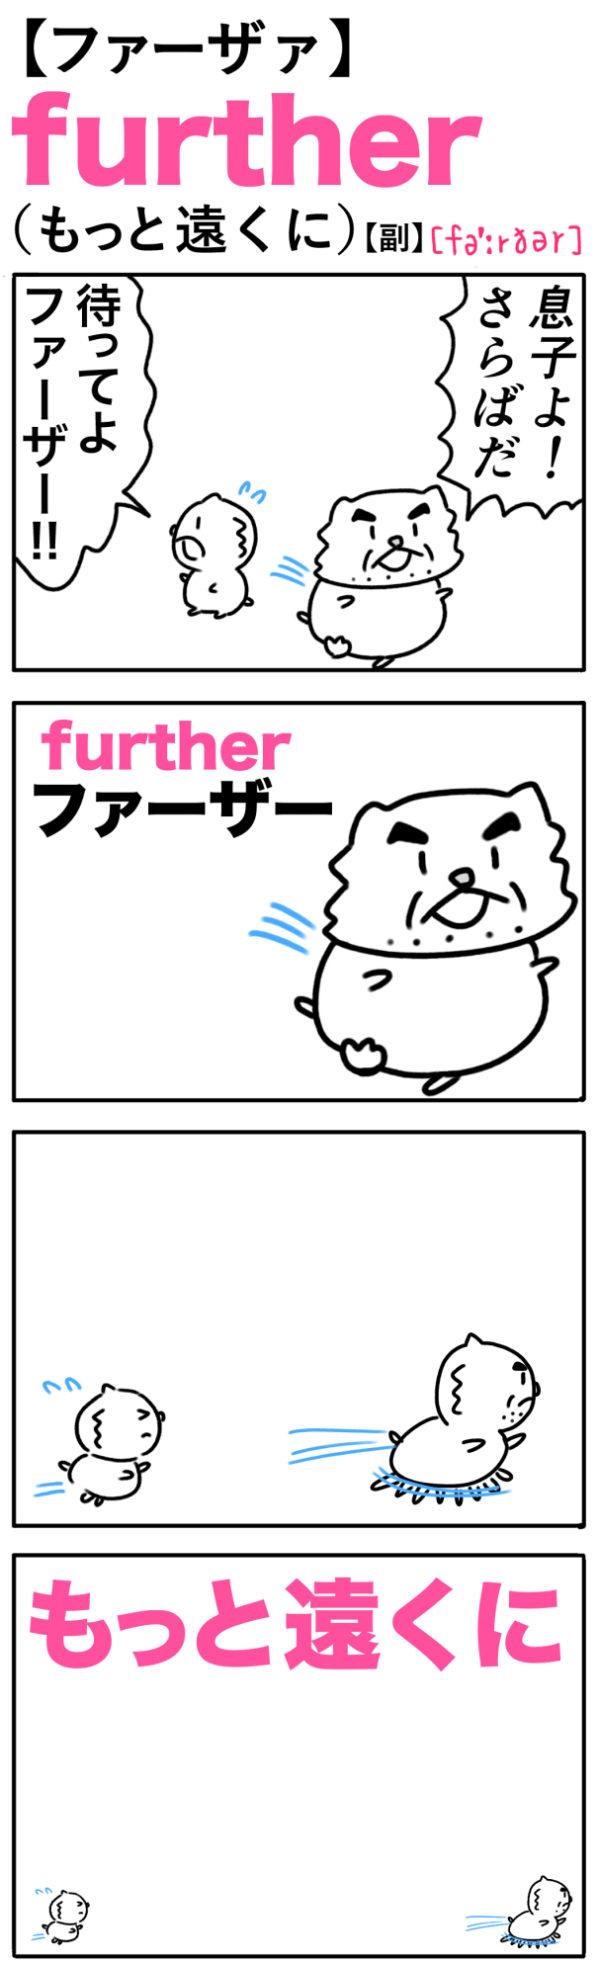 further(もっと遠くに)の語呂合わせ英単語